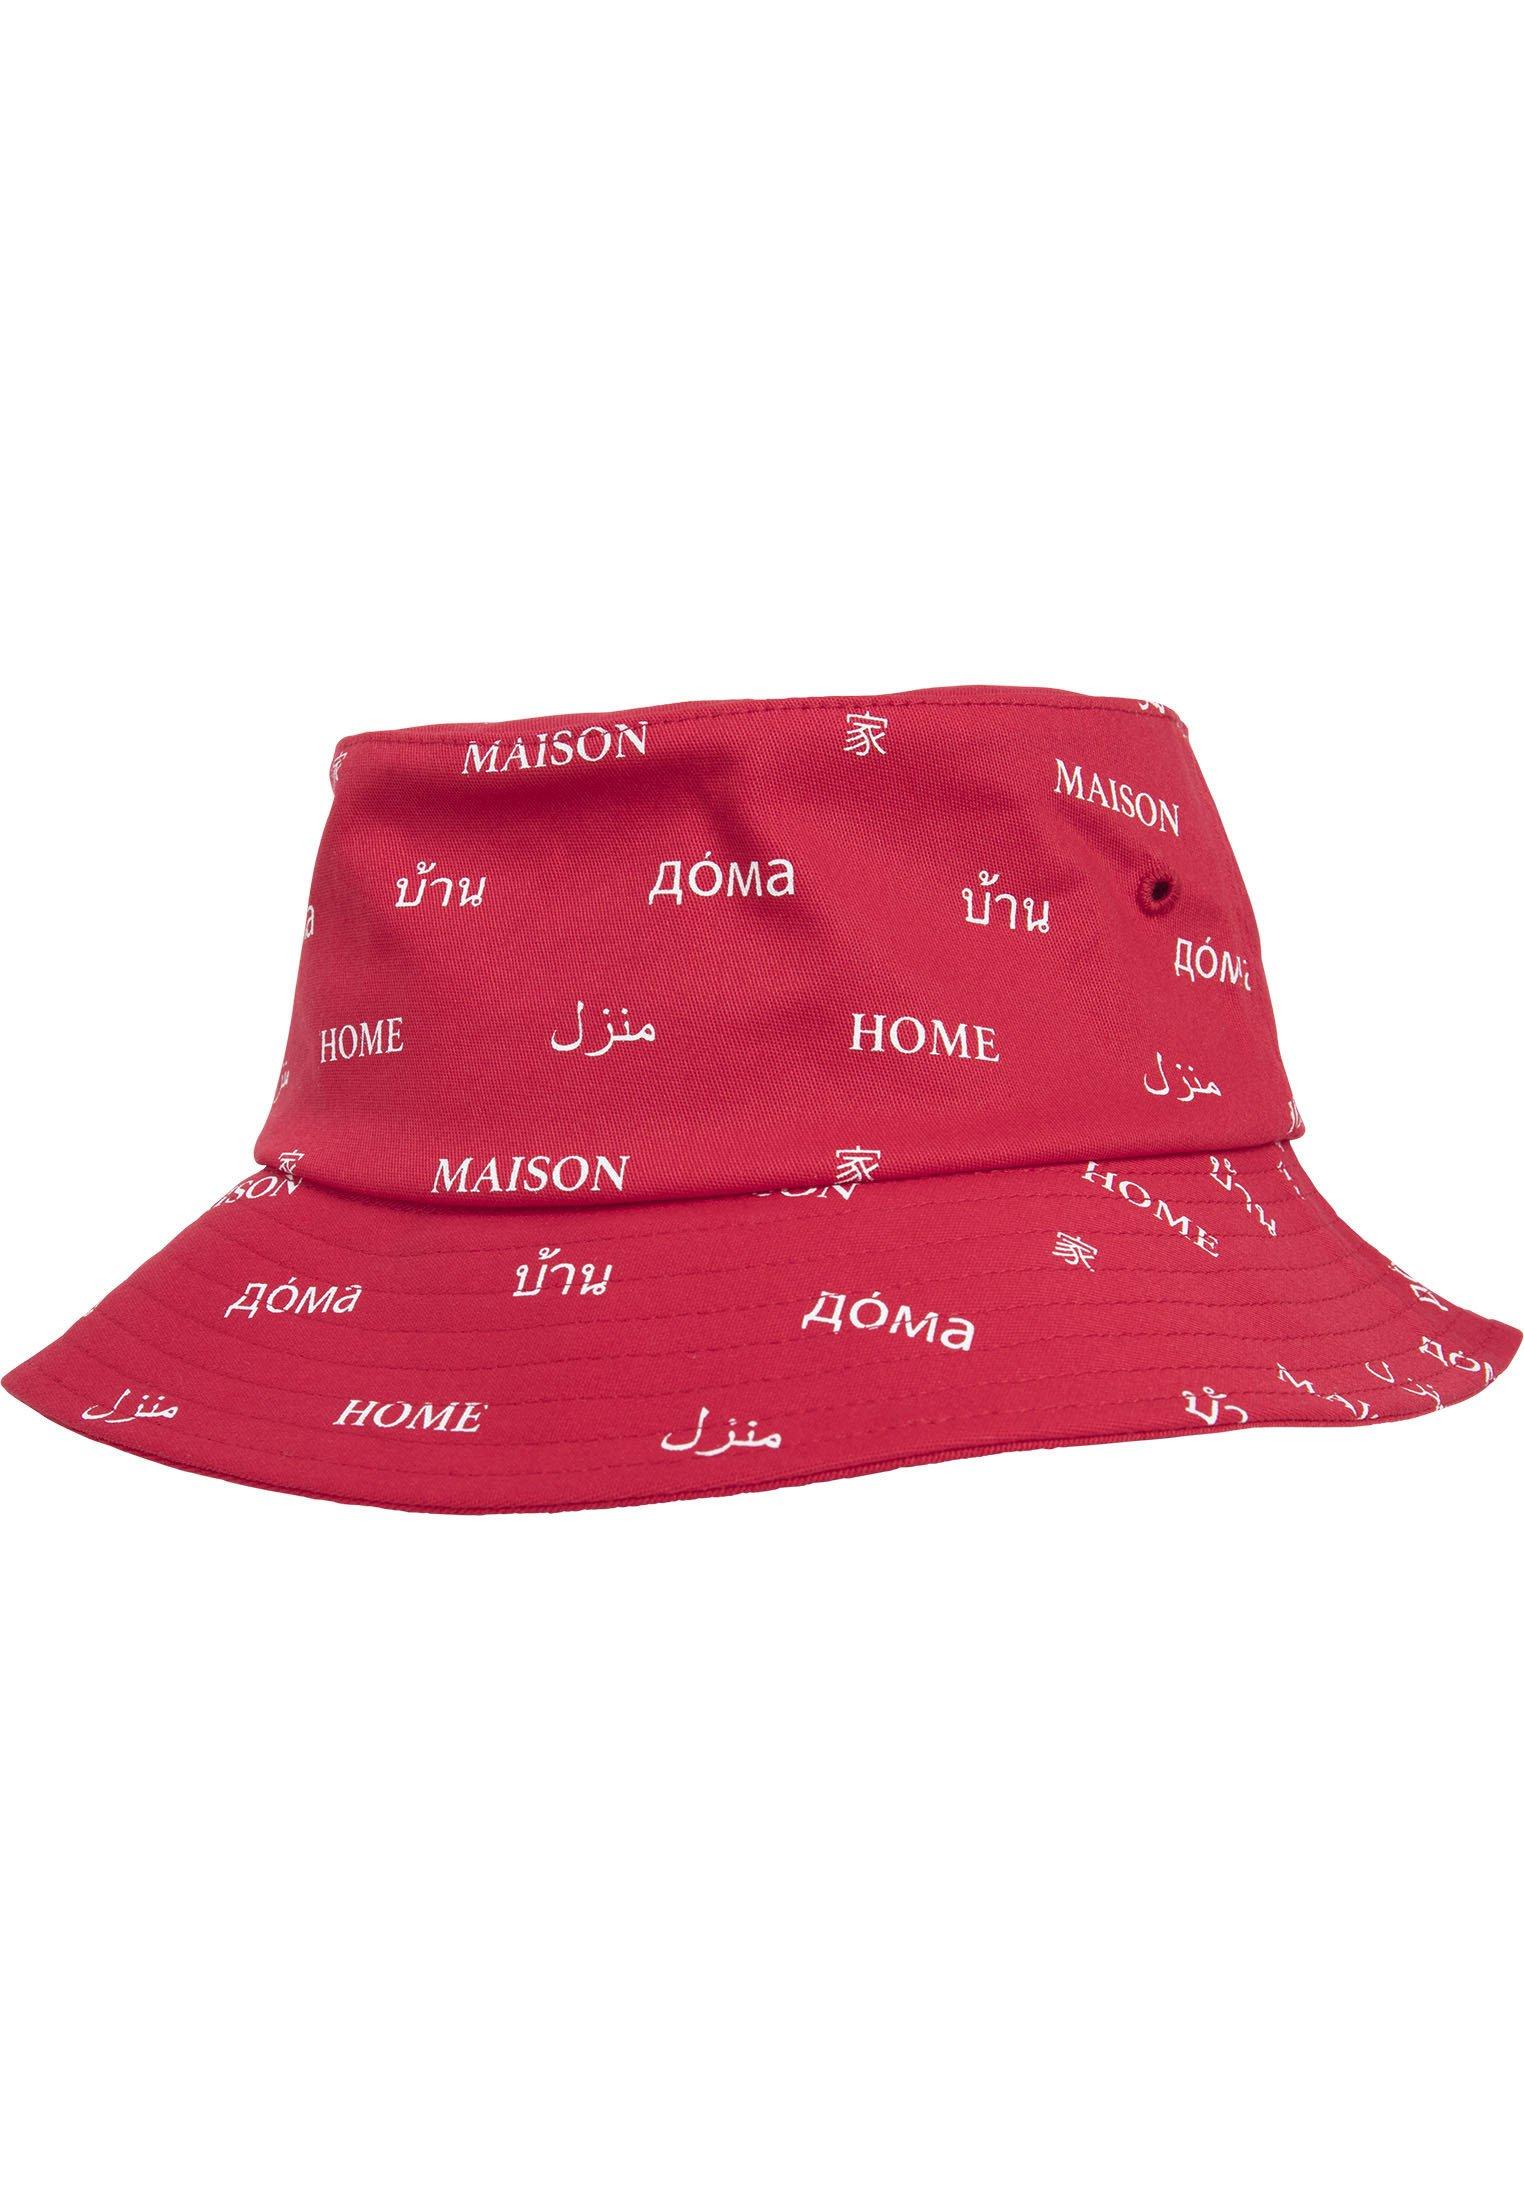 Homme MAISON  - Chapeau